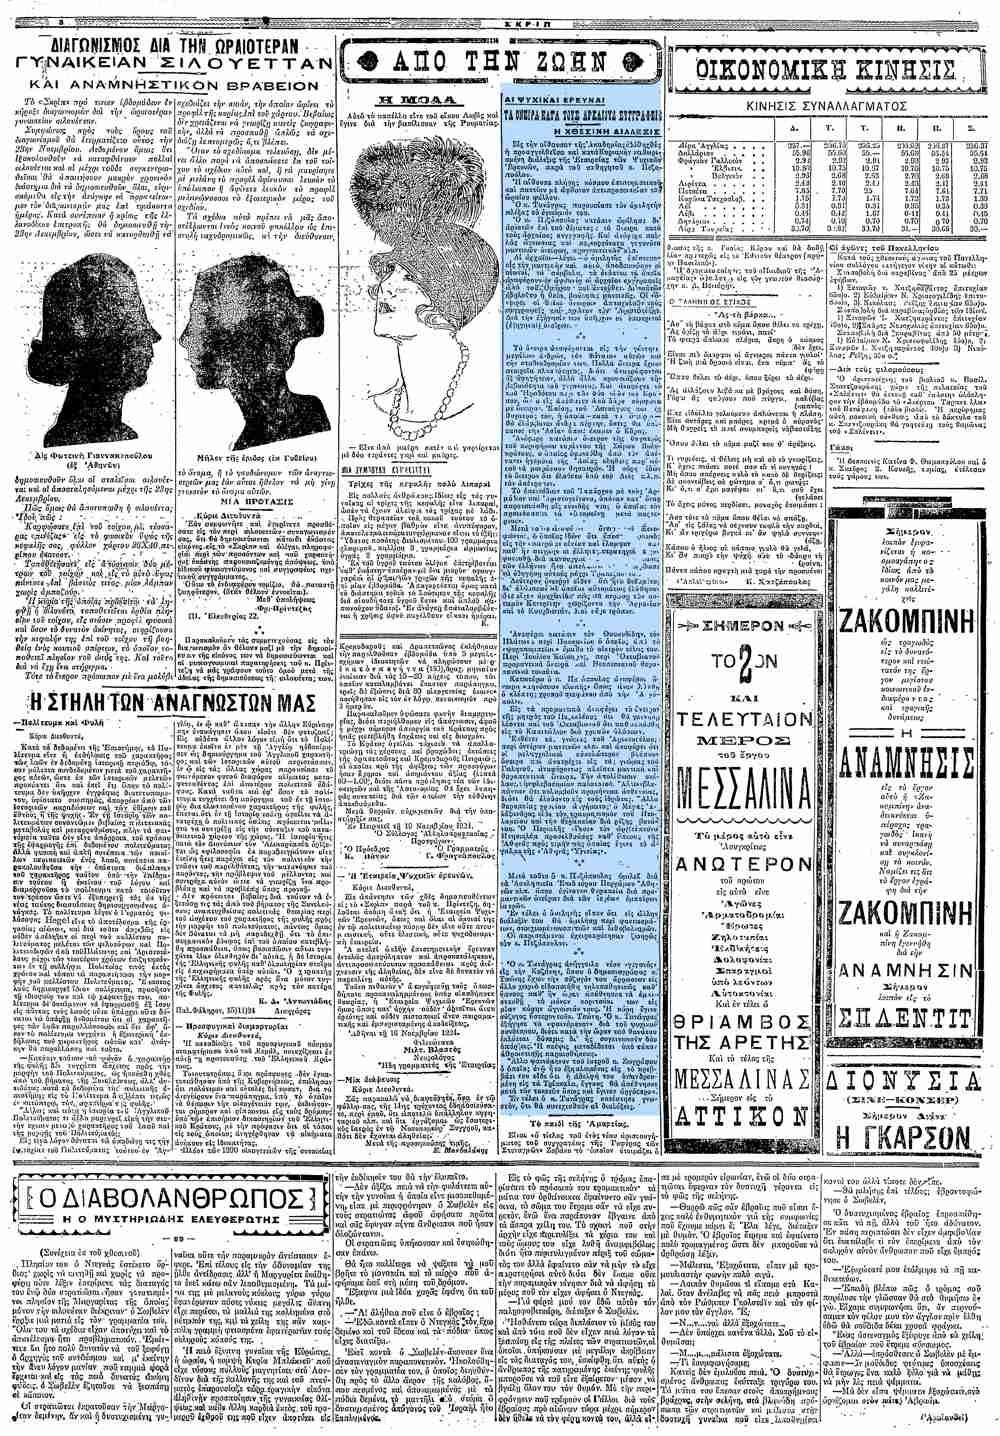 """Το άρθρο, όπως δημοσιεύθηκε στην εφημερίδα """"ΣΚΡΙΠ"""", στις 17/11/1924"""